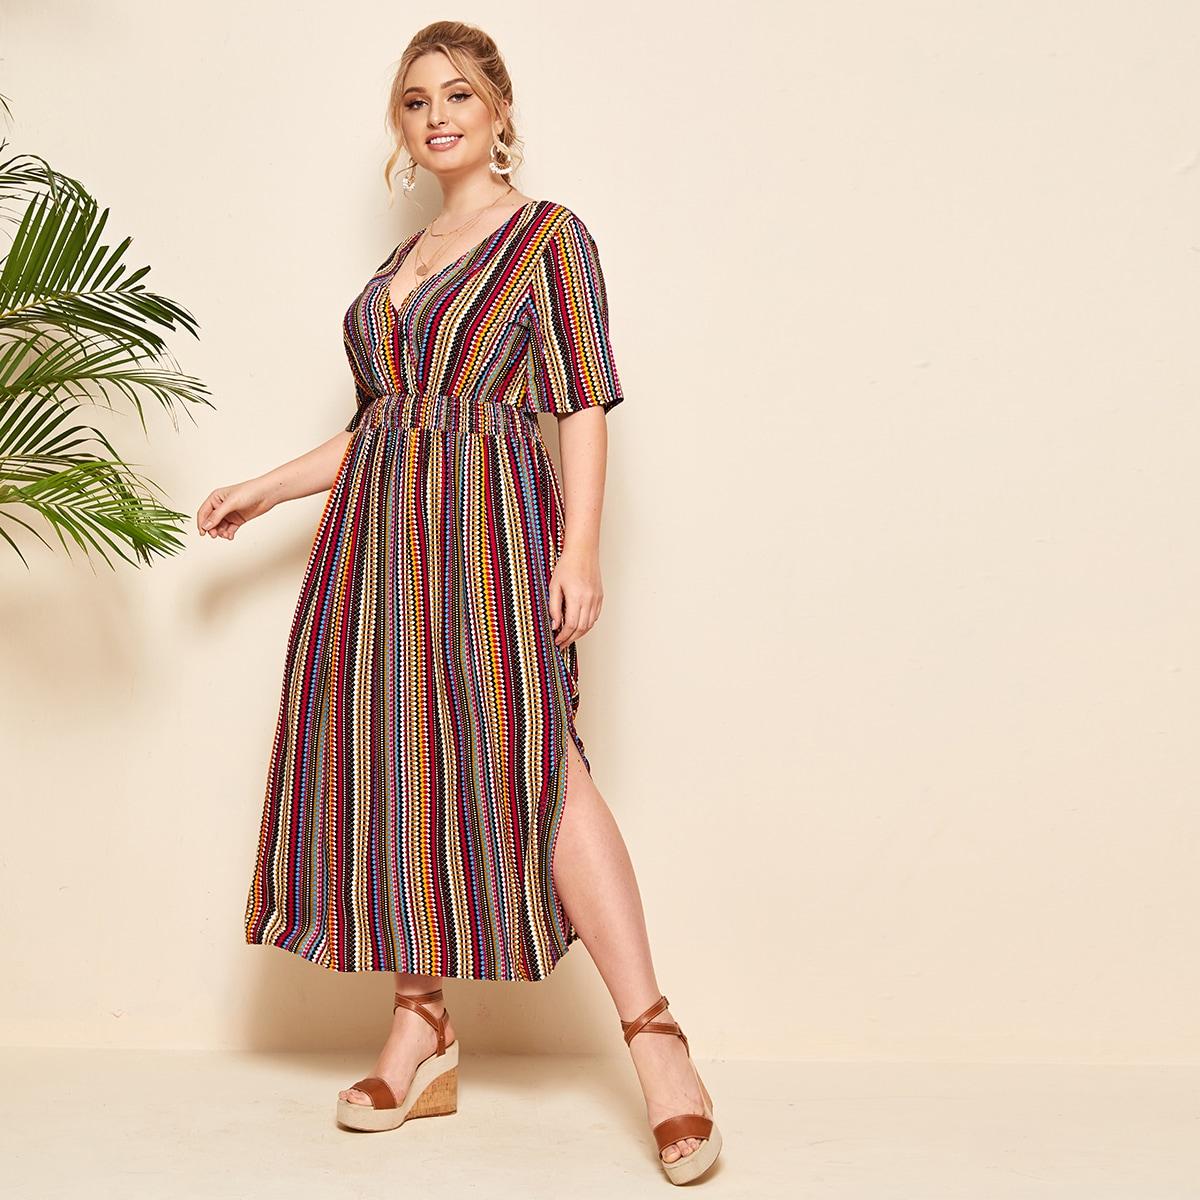 SHEIN / Kleid mit Band hinten, geraffter Taille und Stamm Muster